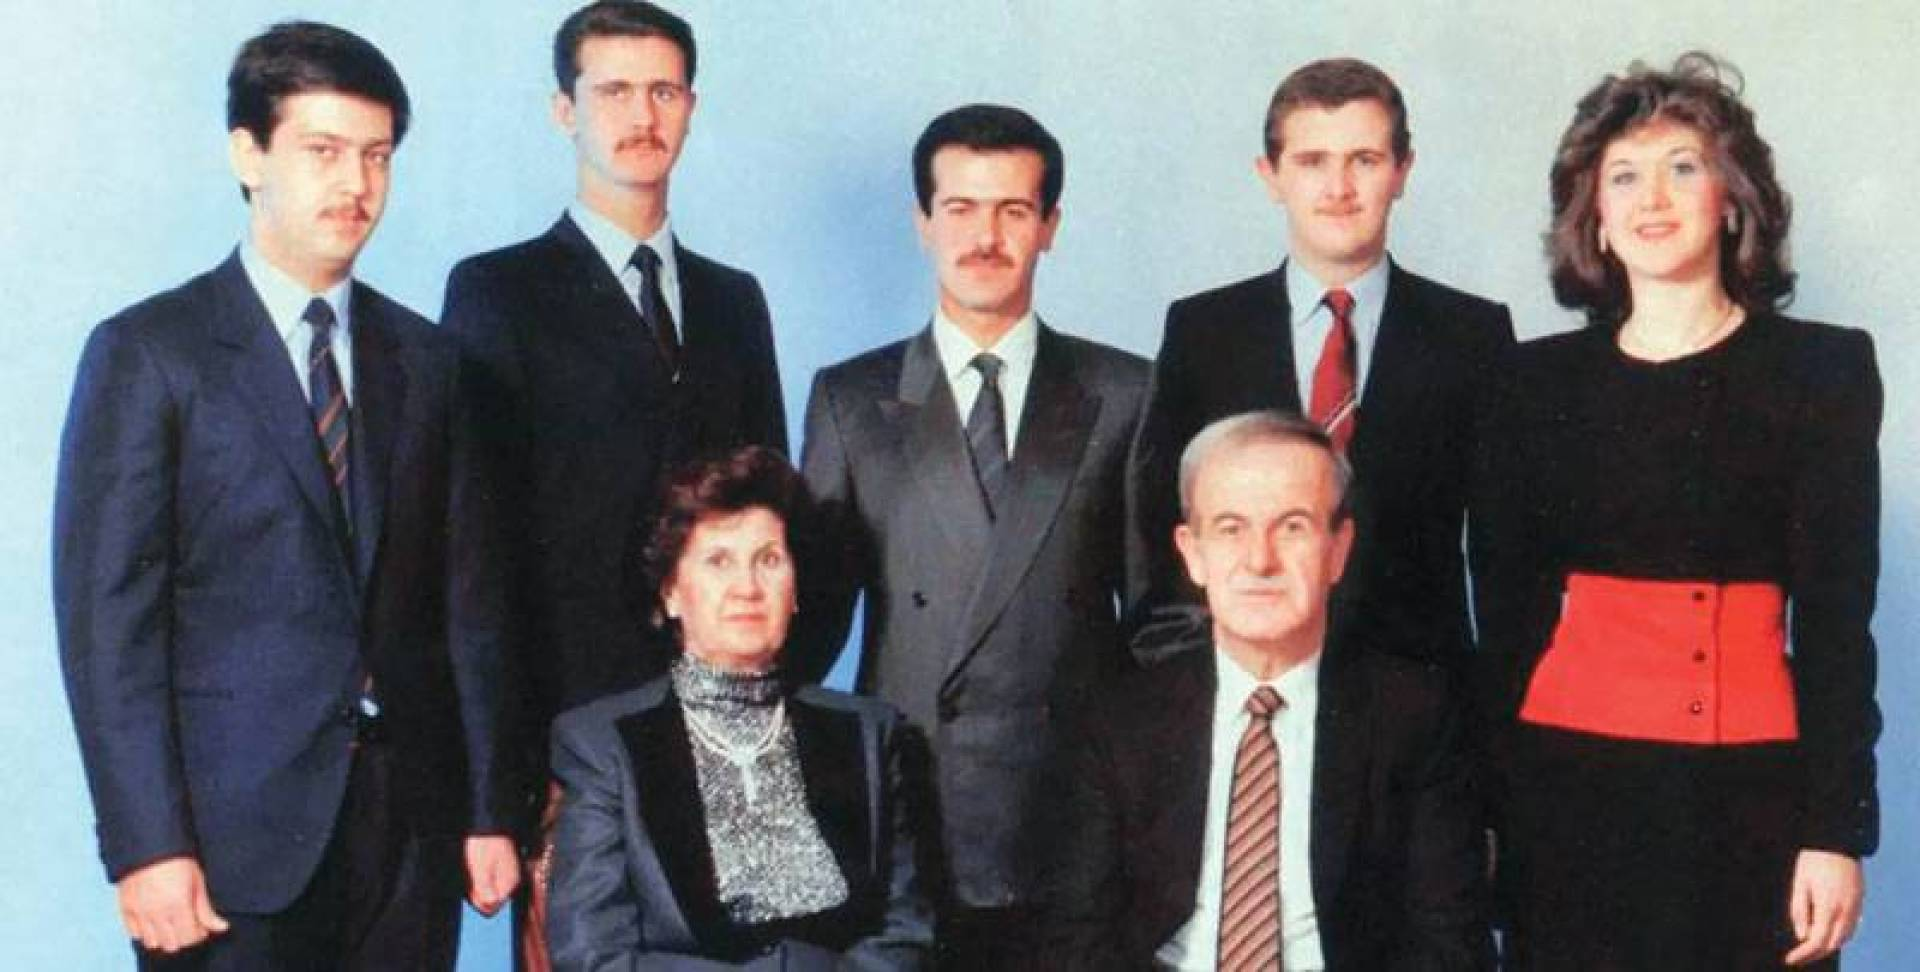 الرئيس الراحل حافظ الأسد وزوجته أنيسة مخلوف وأبناؤهما بشرى ومجد وباسل وبشار وماهر